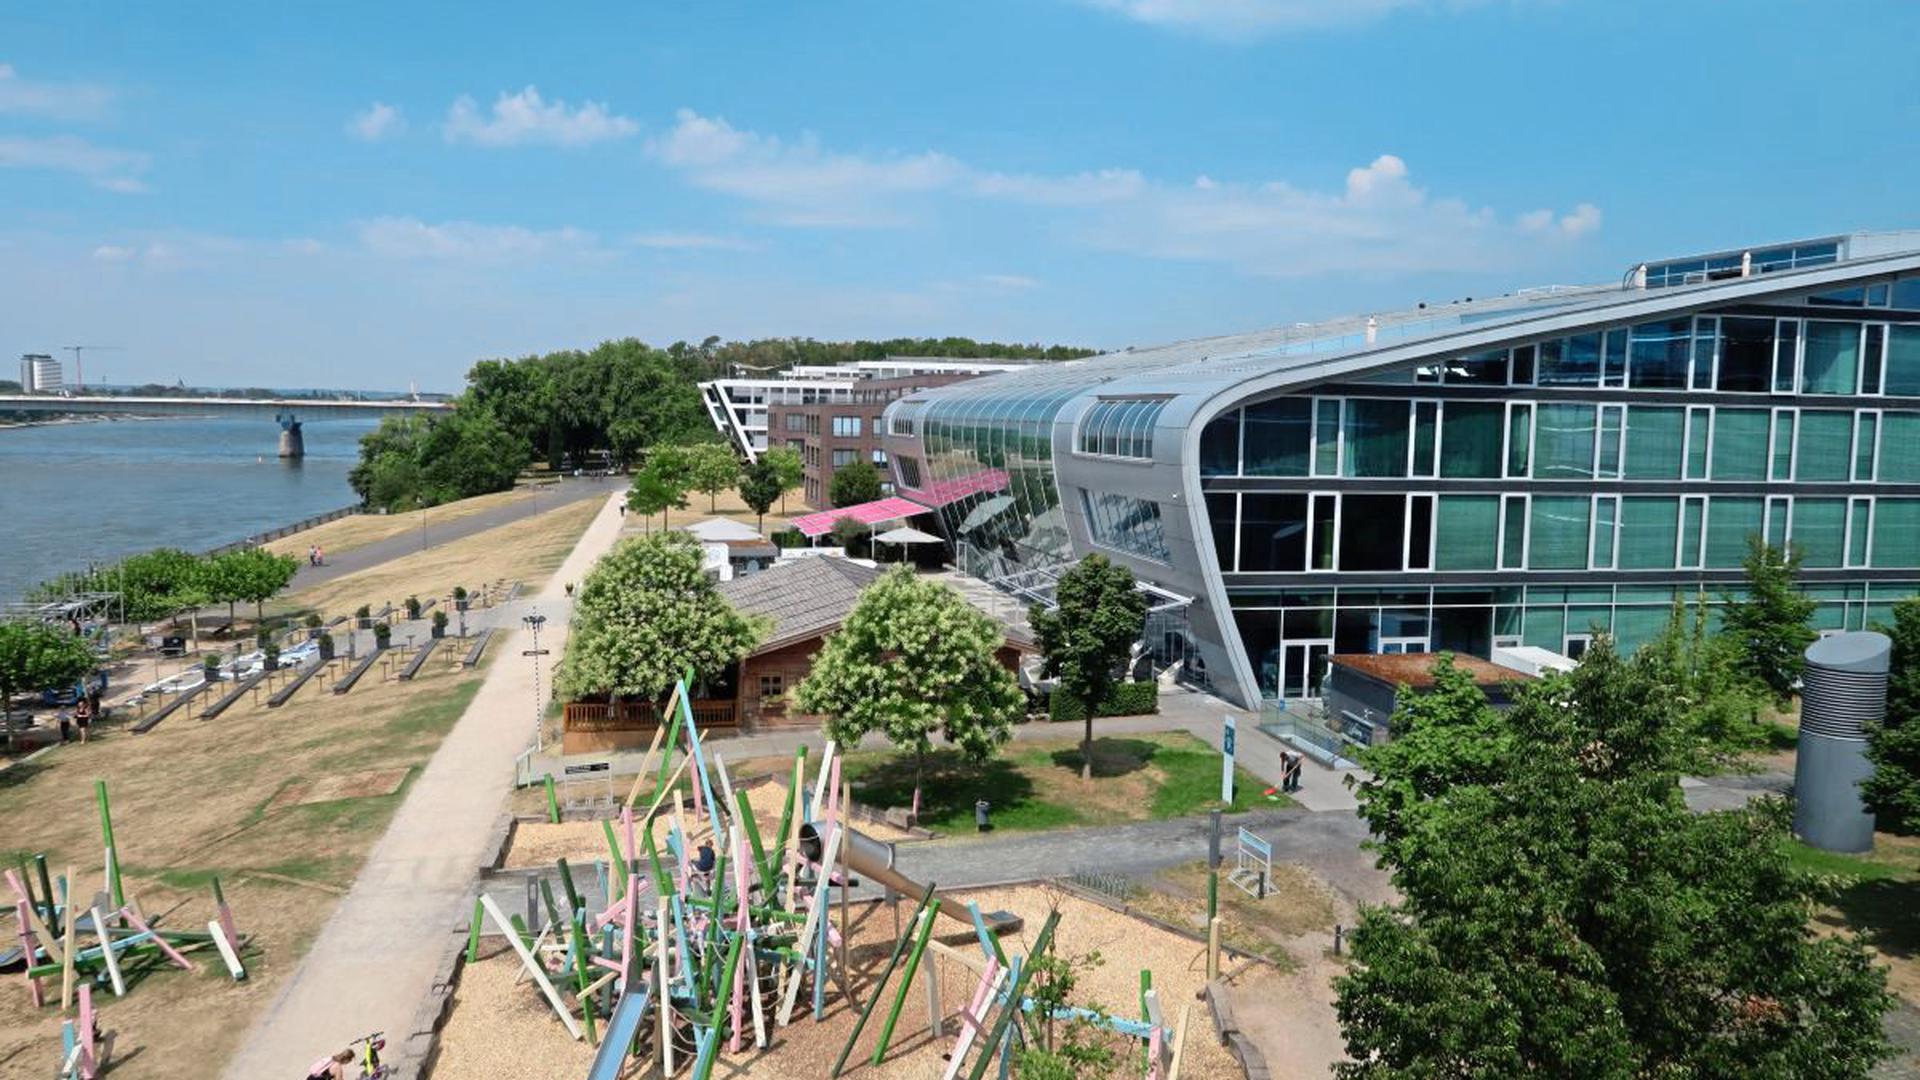 Der Aquiferspeicher am Bonner Bogen übernimmt bis zu 80 Prozent der Wärme- und Kälteversorgung von drei Gebäuden mit einer Gesamtfläche von 60.000 Quadratmetern.